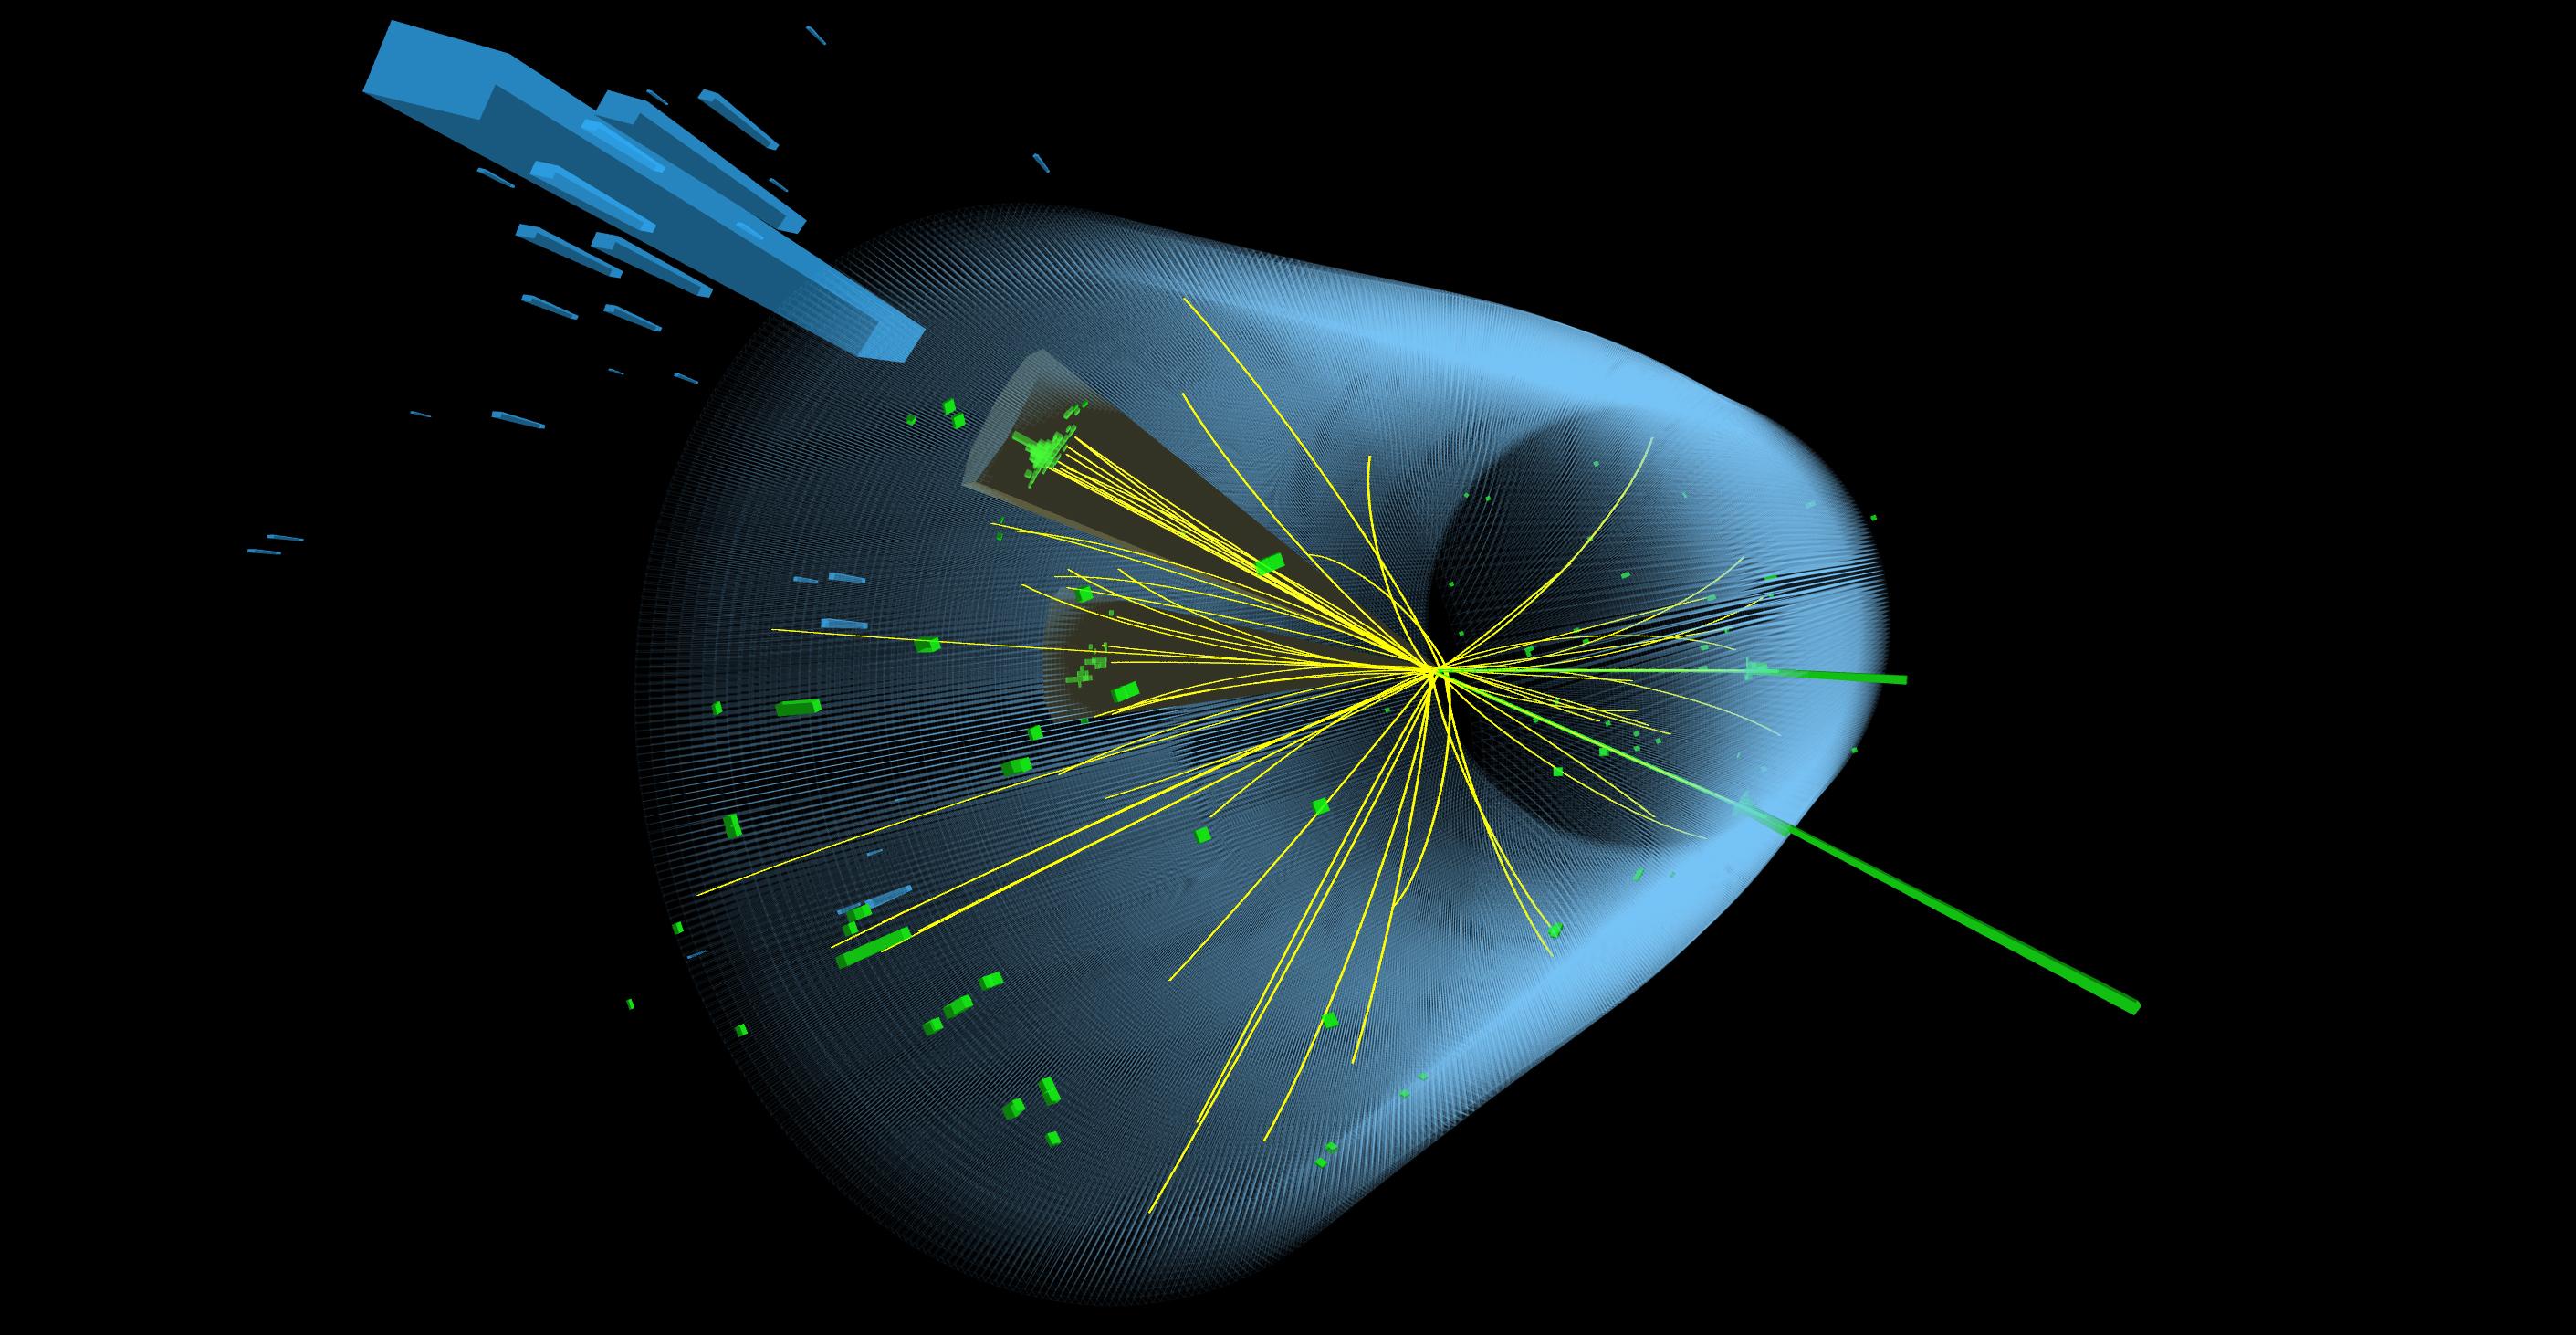 higgs_ledefullwidth.jpg